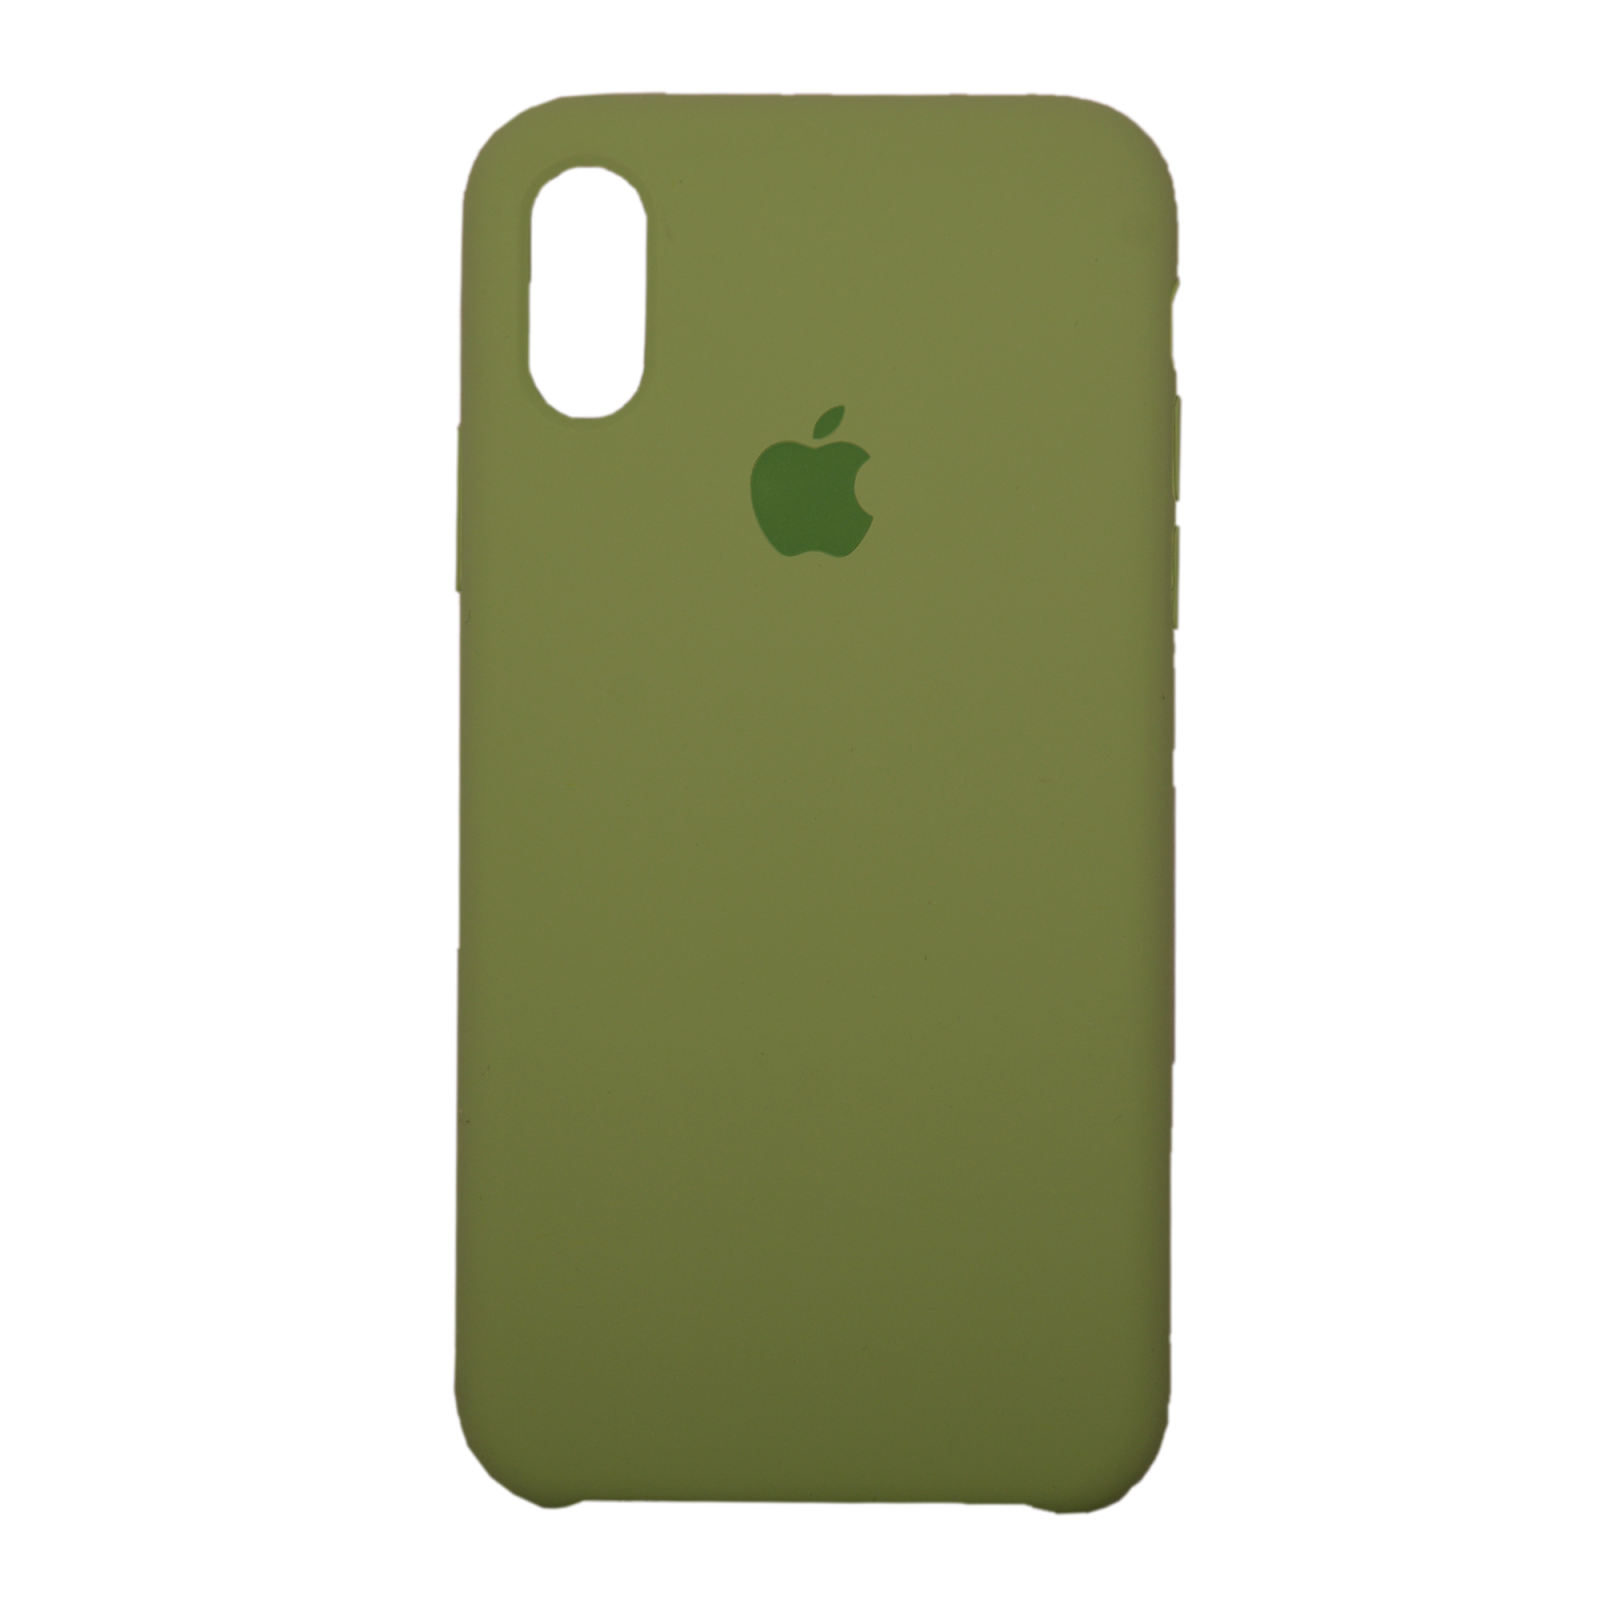 کاور  مدل mimo مناسب برای گوشی موبایل اپل Iphone Xs max main 1 1